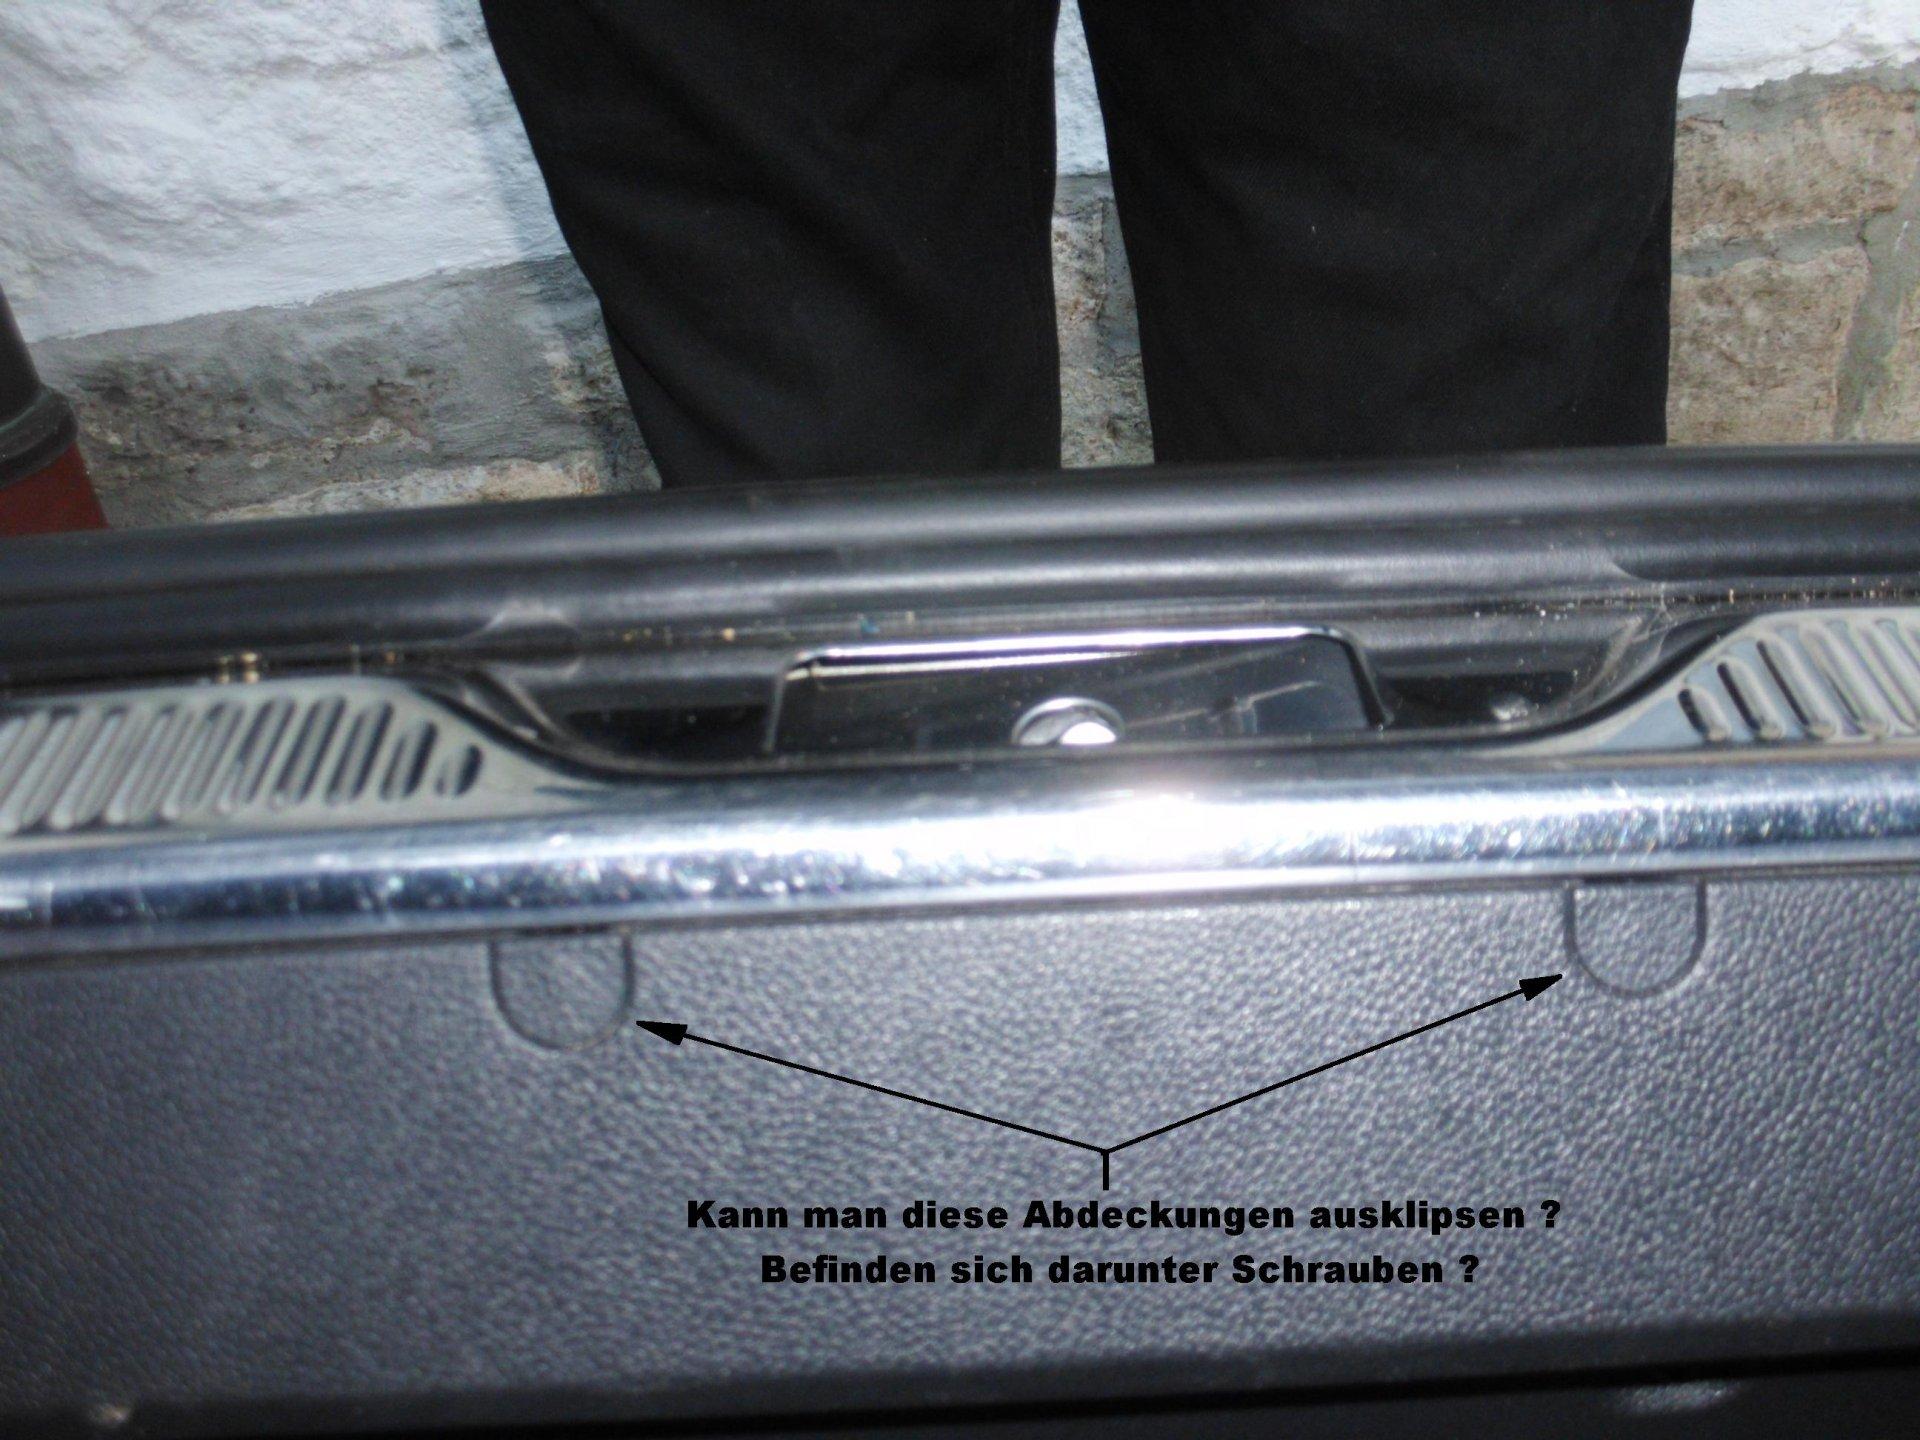 Kofferraum-Verkleidung 1.jpg